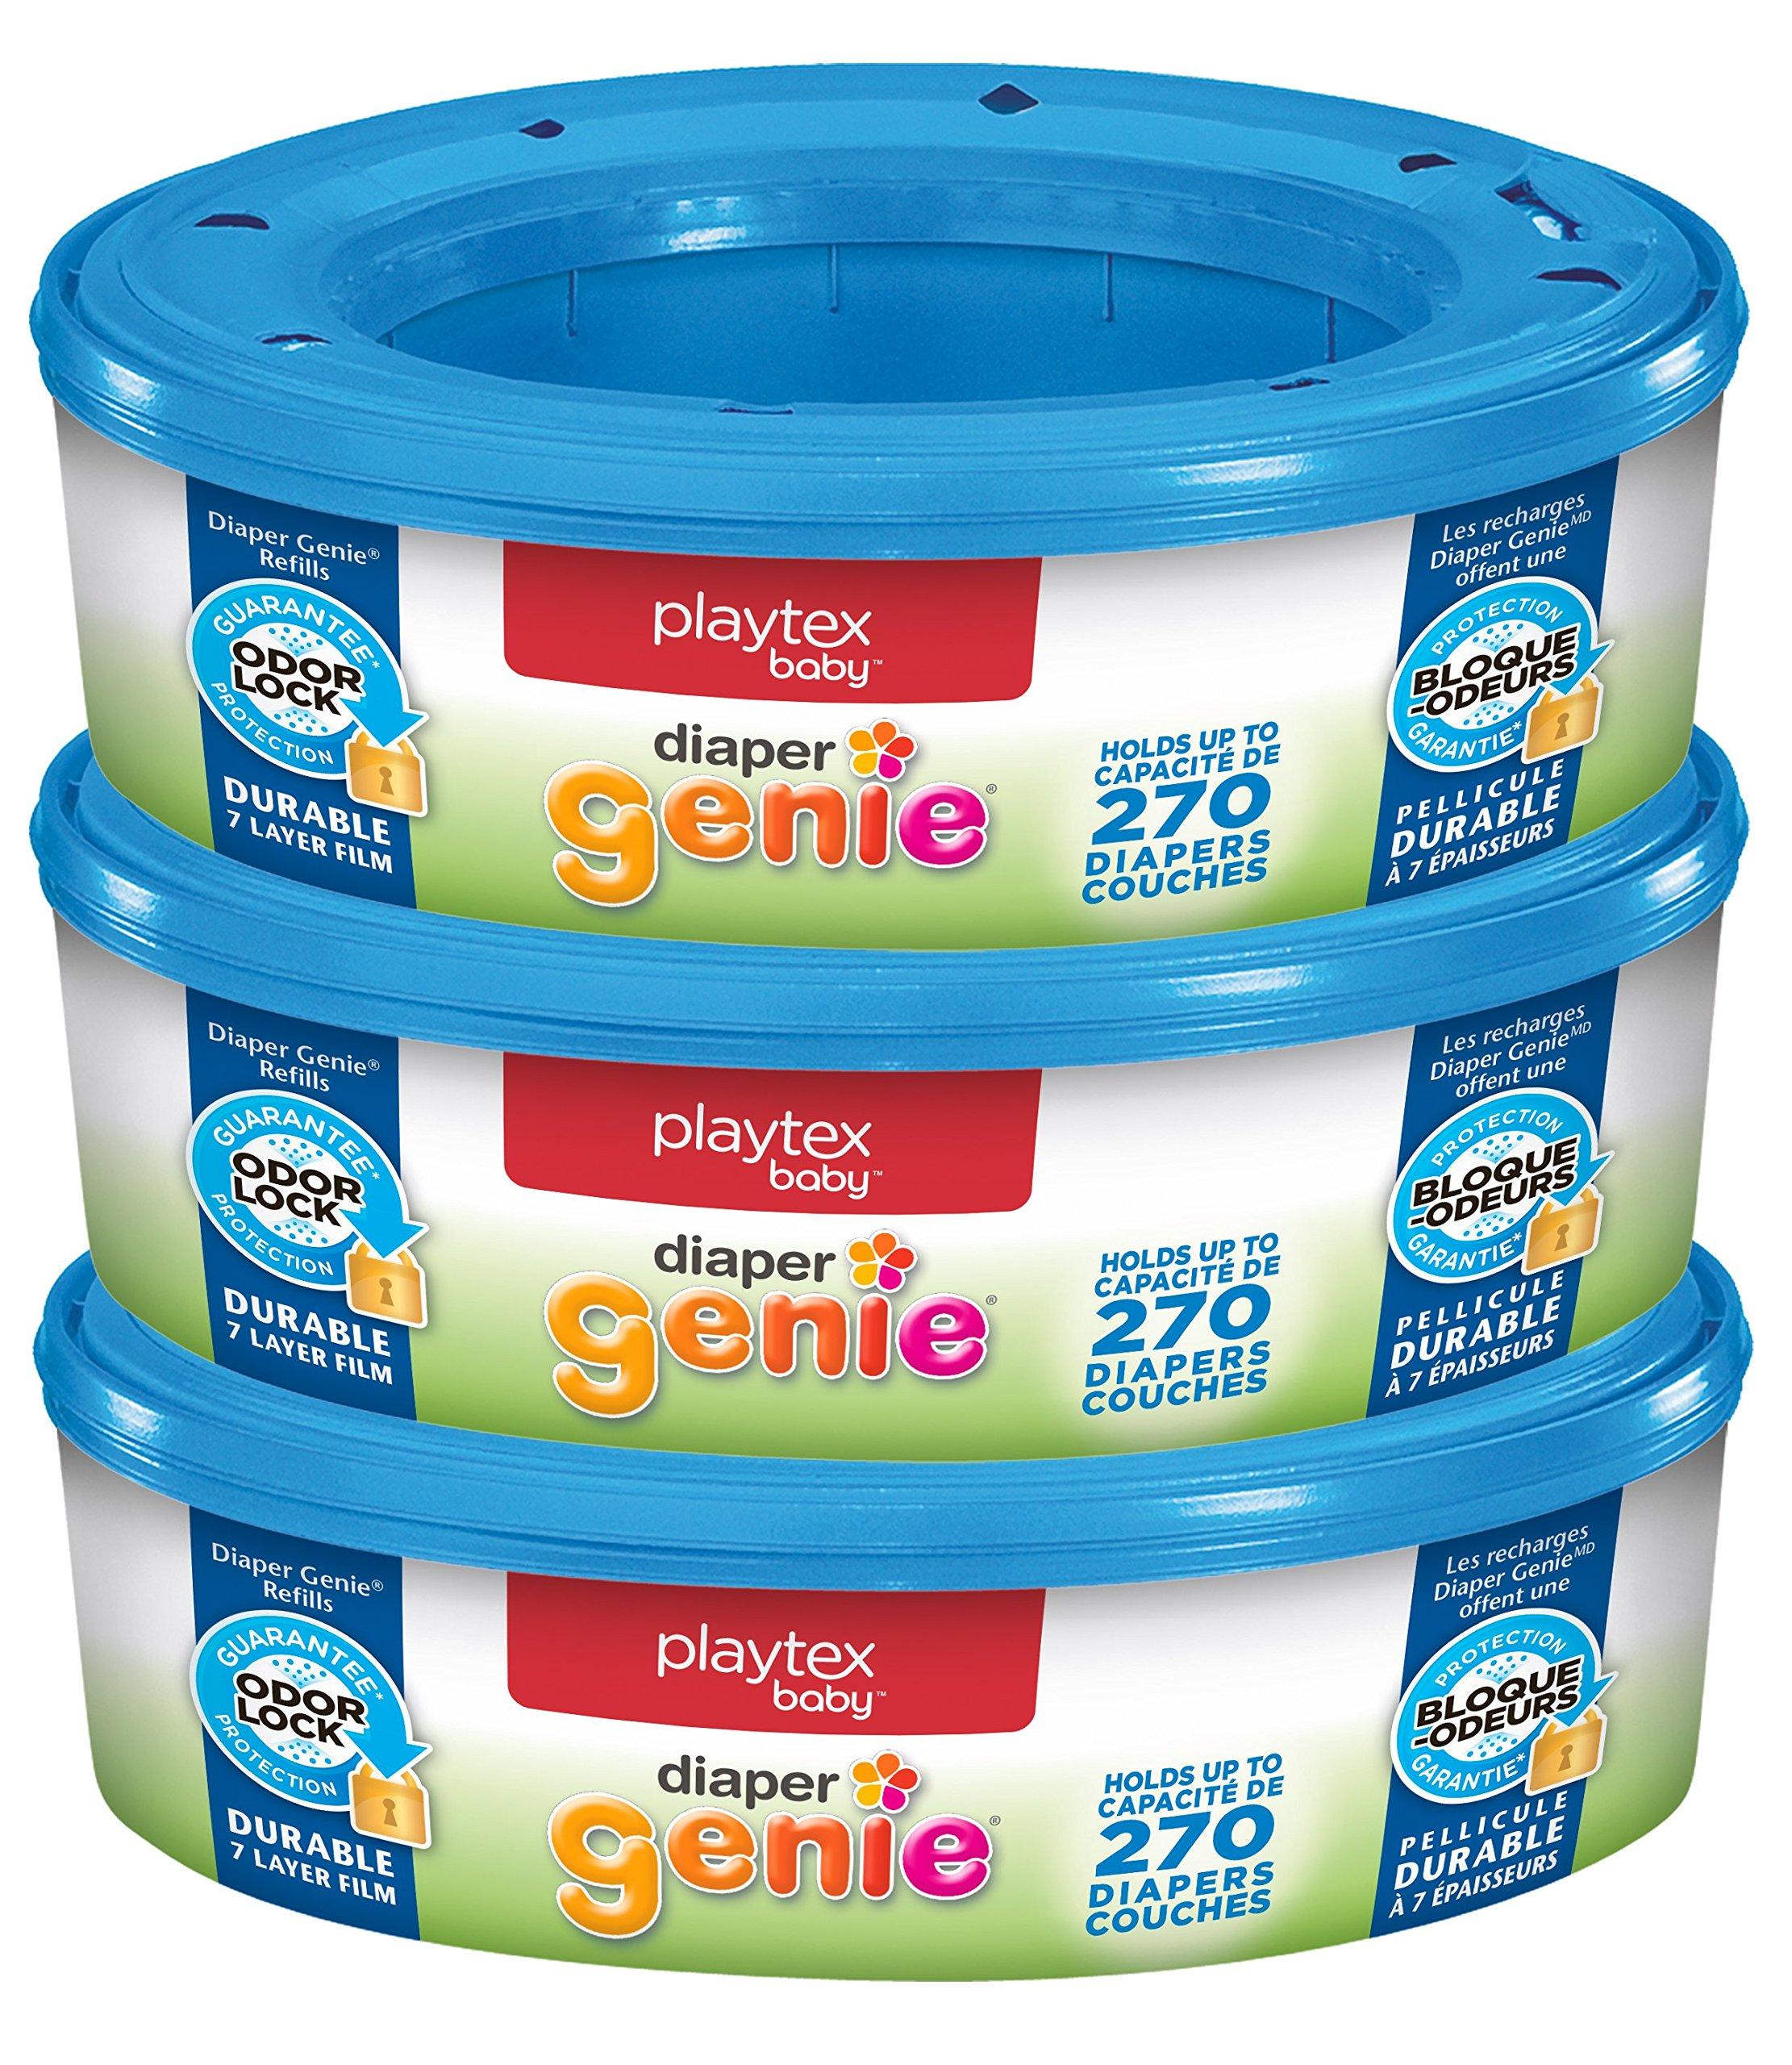 Playtex Diaper Genie II Refill (Pack of 3)